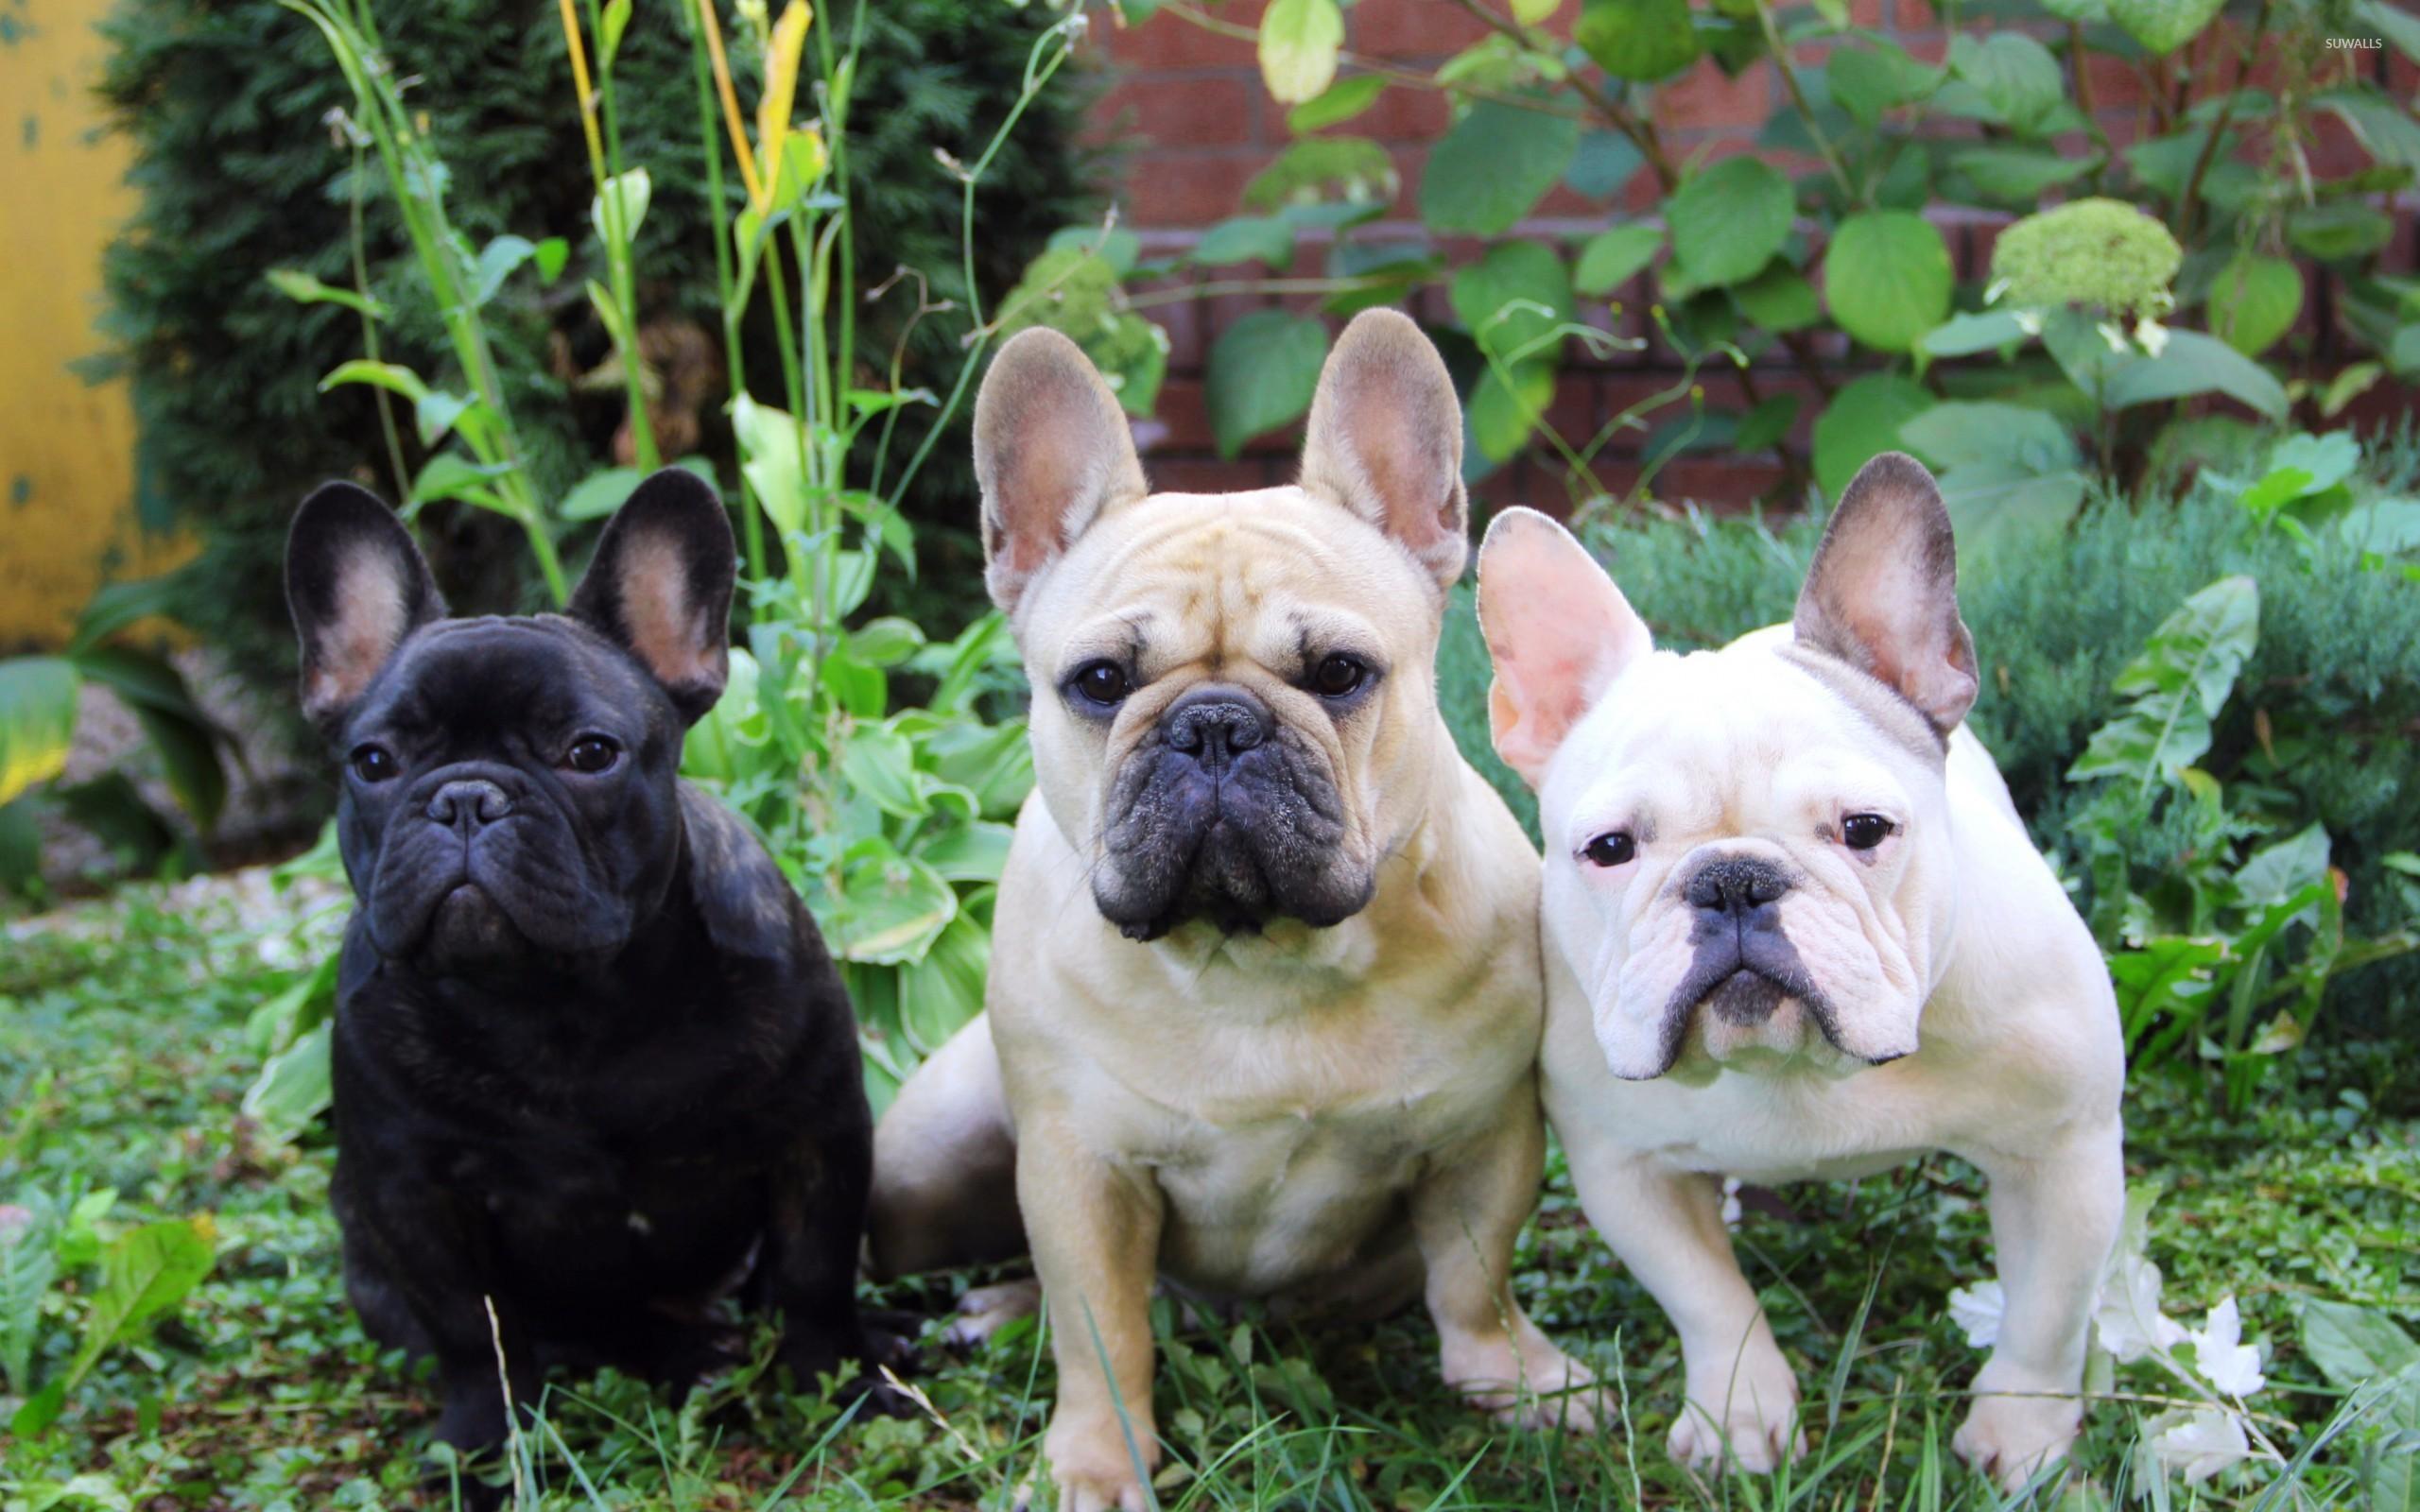 S příběhy psů, kteří pocházeli zmnožíren a potřebovali nového pána a trpělivou péči, jsme se setkávali čím dál častěji